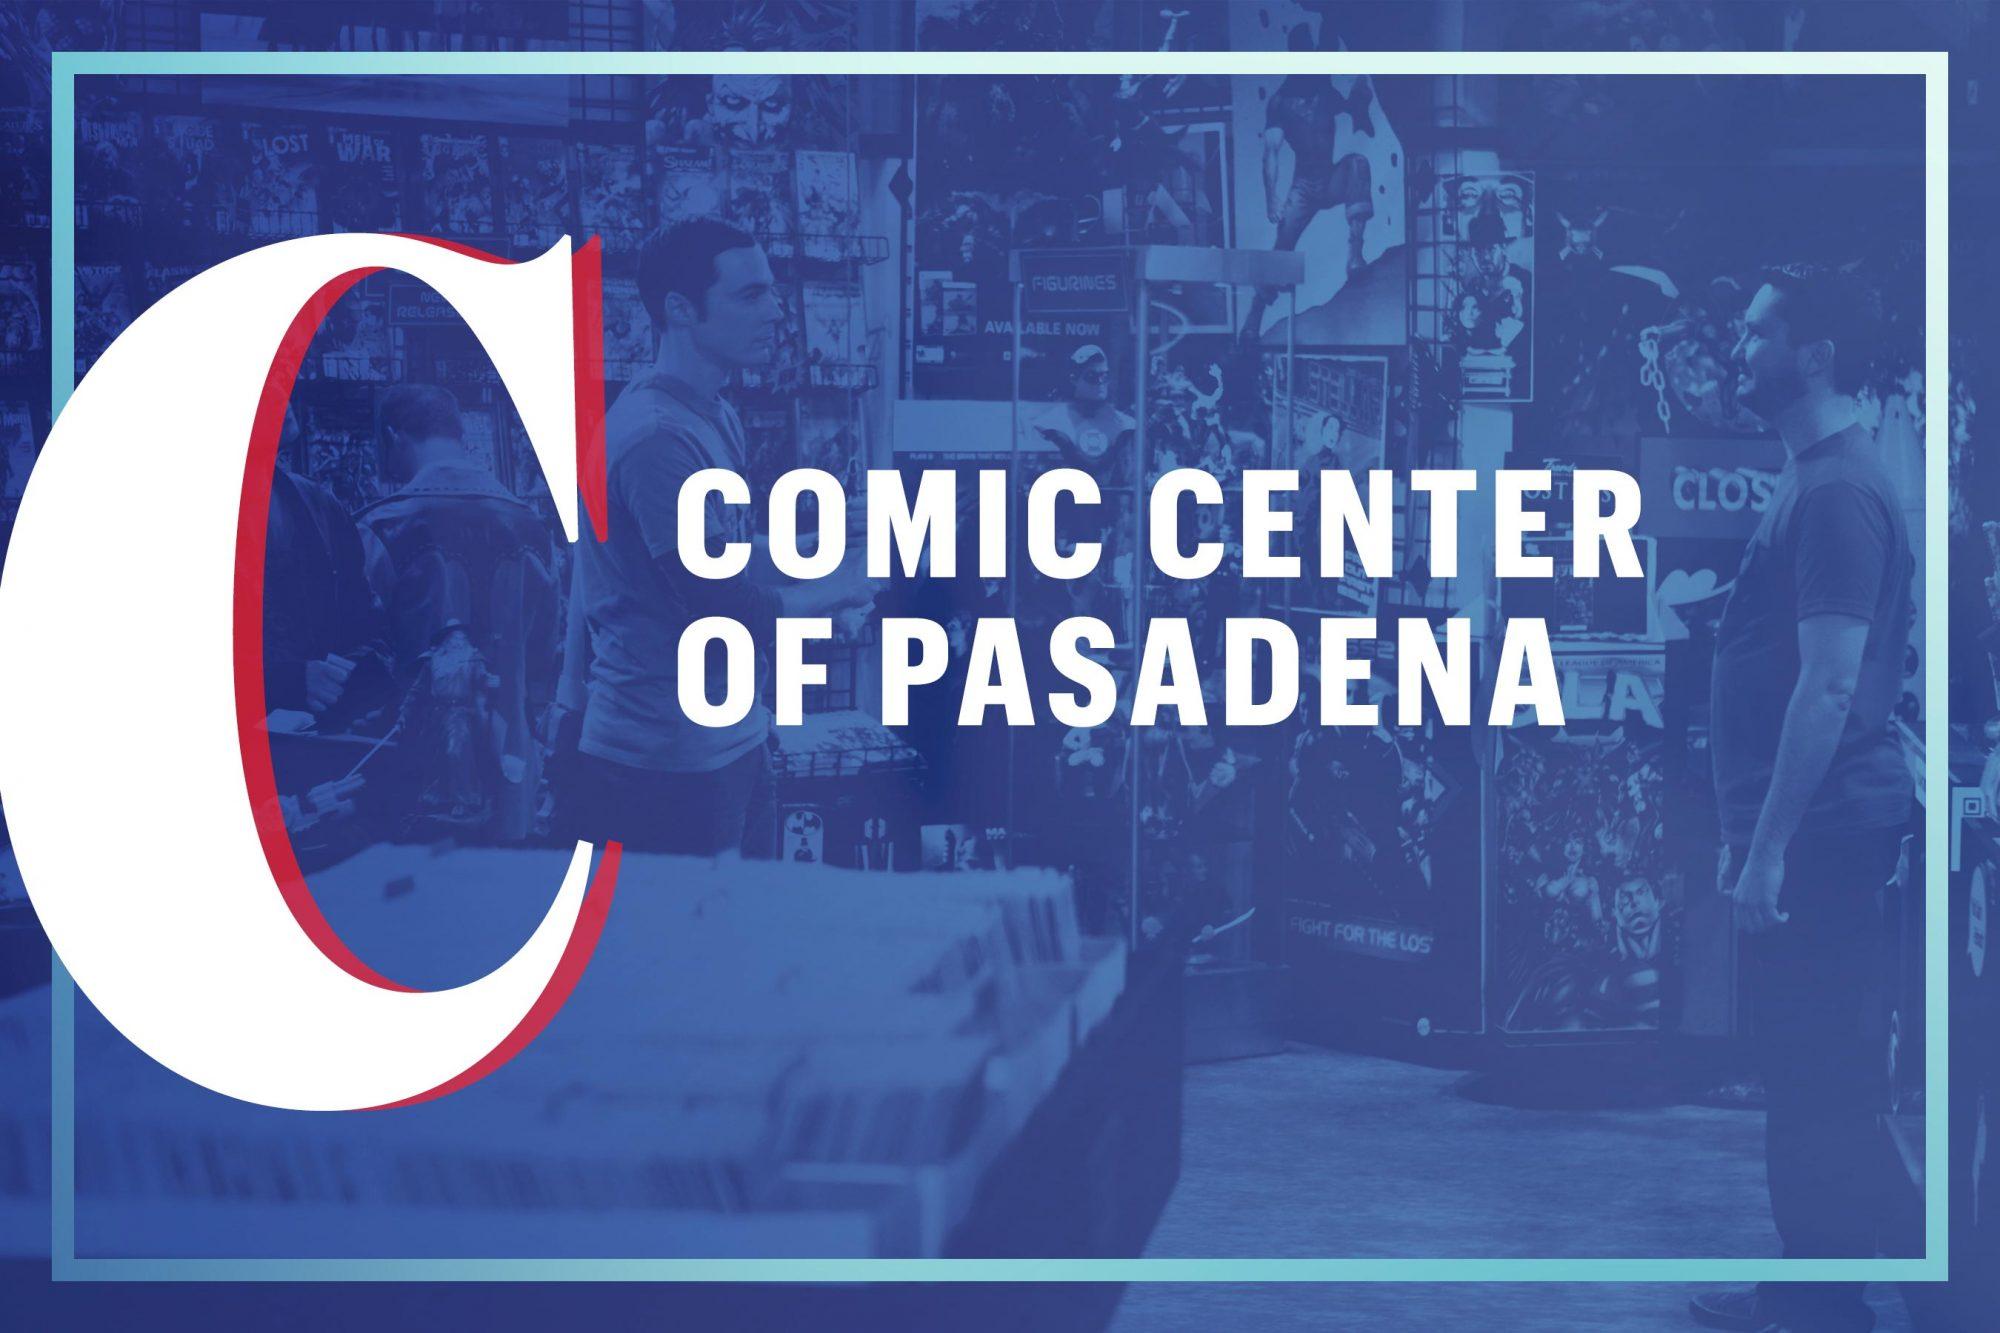 Comic Center of Pasadena